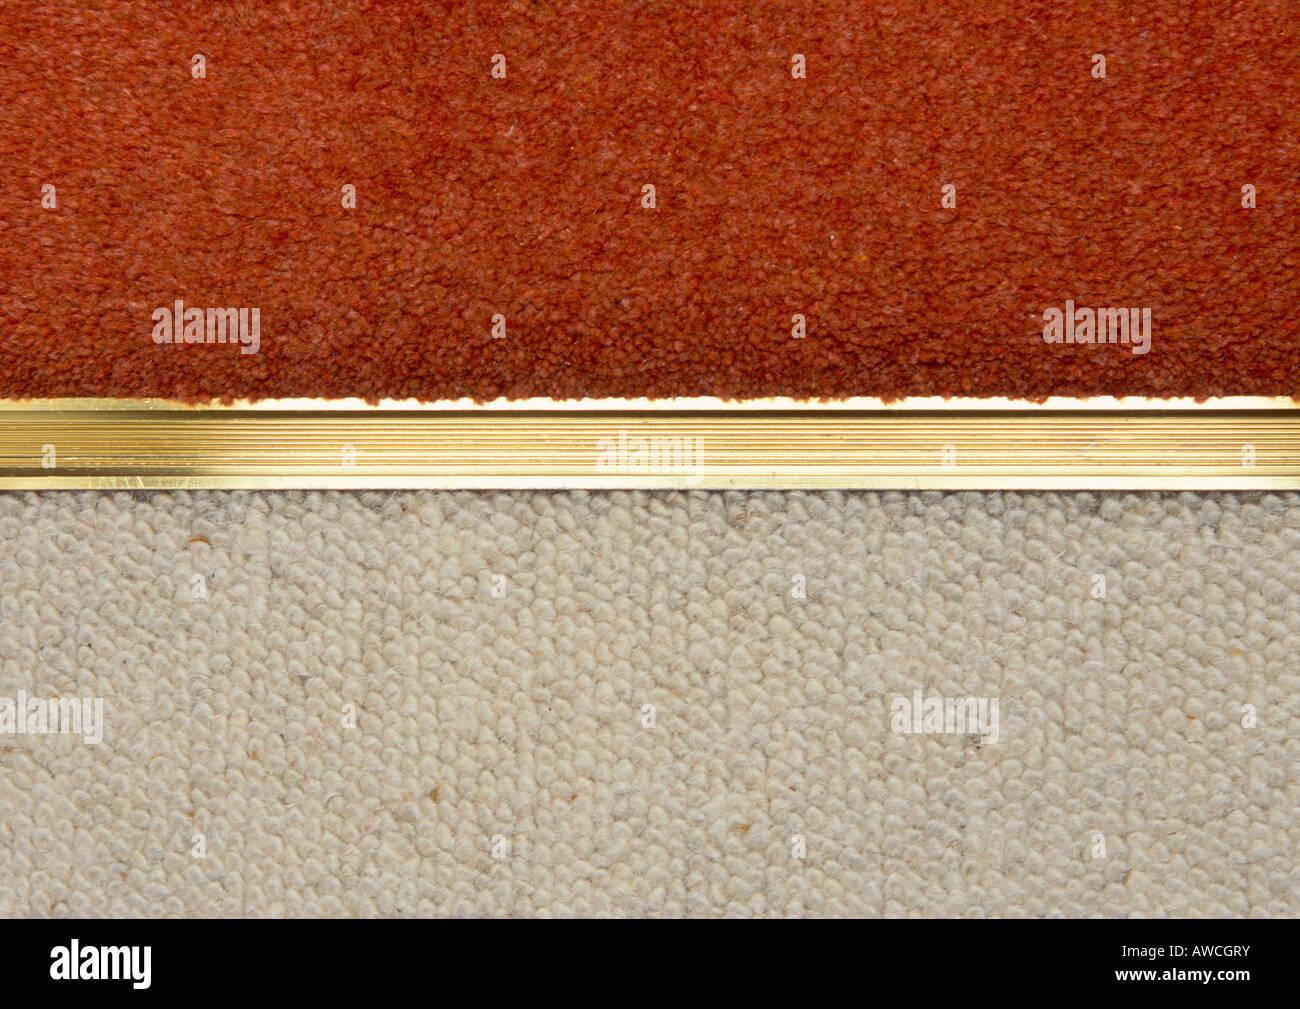 Gold Aluminium Carpet Edging Door Strip Between Red And Cream Carpets